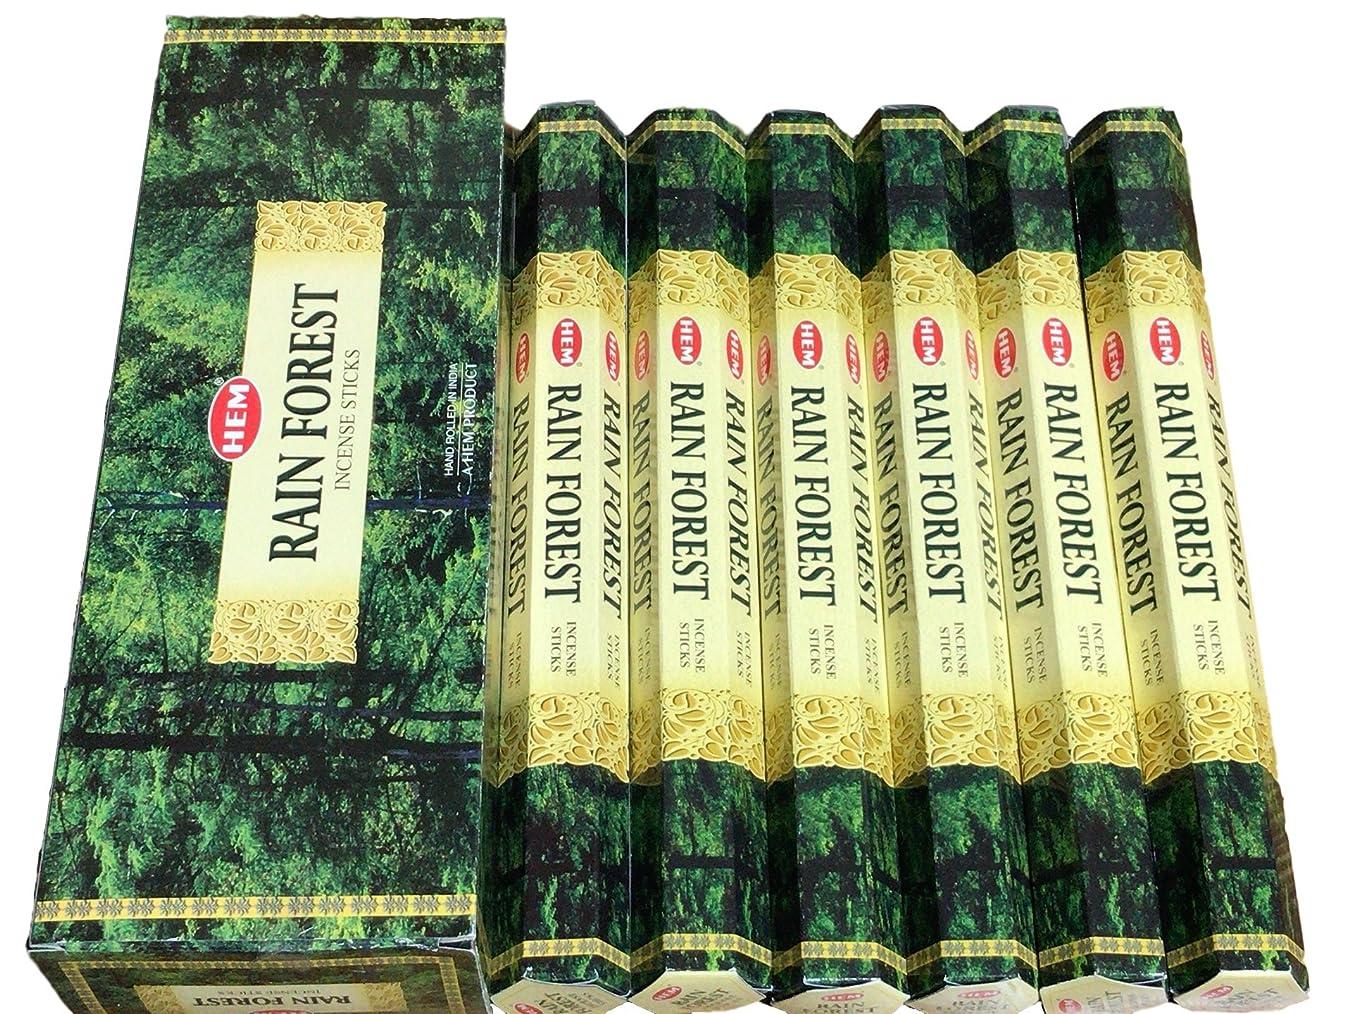 年金古風なフロンティアHEM ヘム レインフォレスト RAINFOREST ステック お香 6本 セット